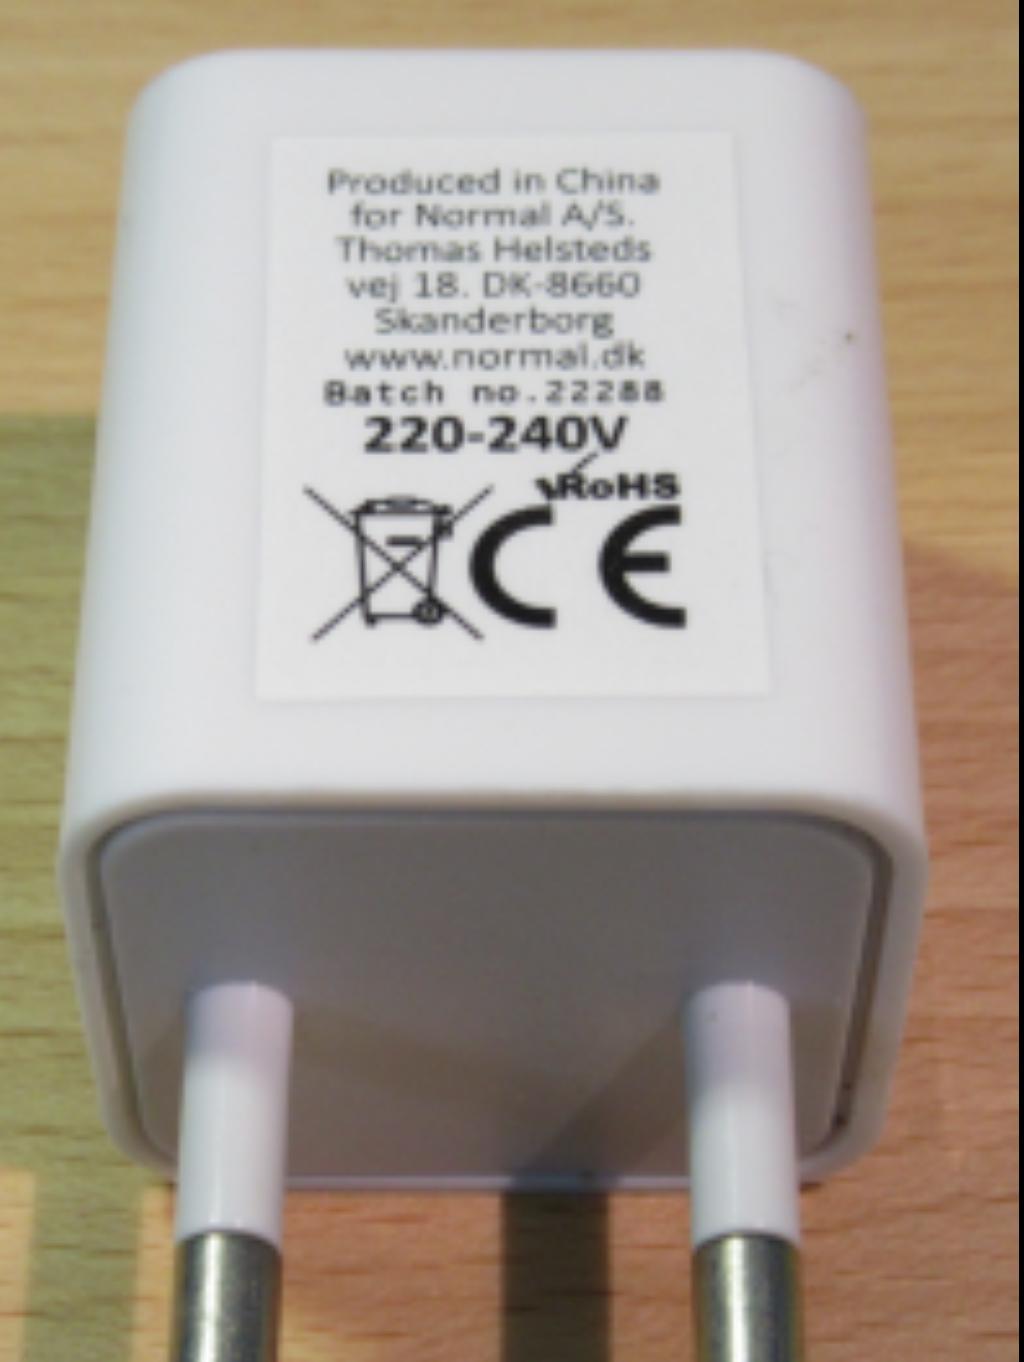 Normal återkallar USB laddare | Elsäkerhetsverket